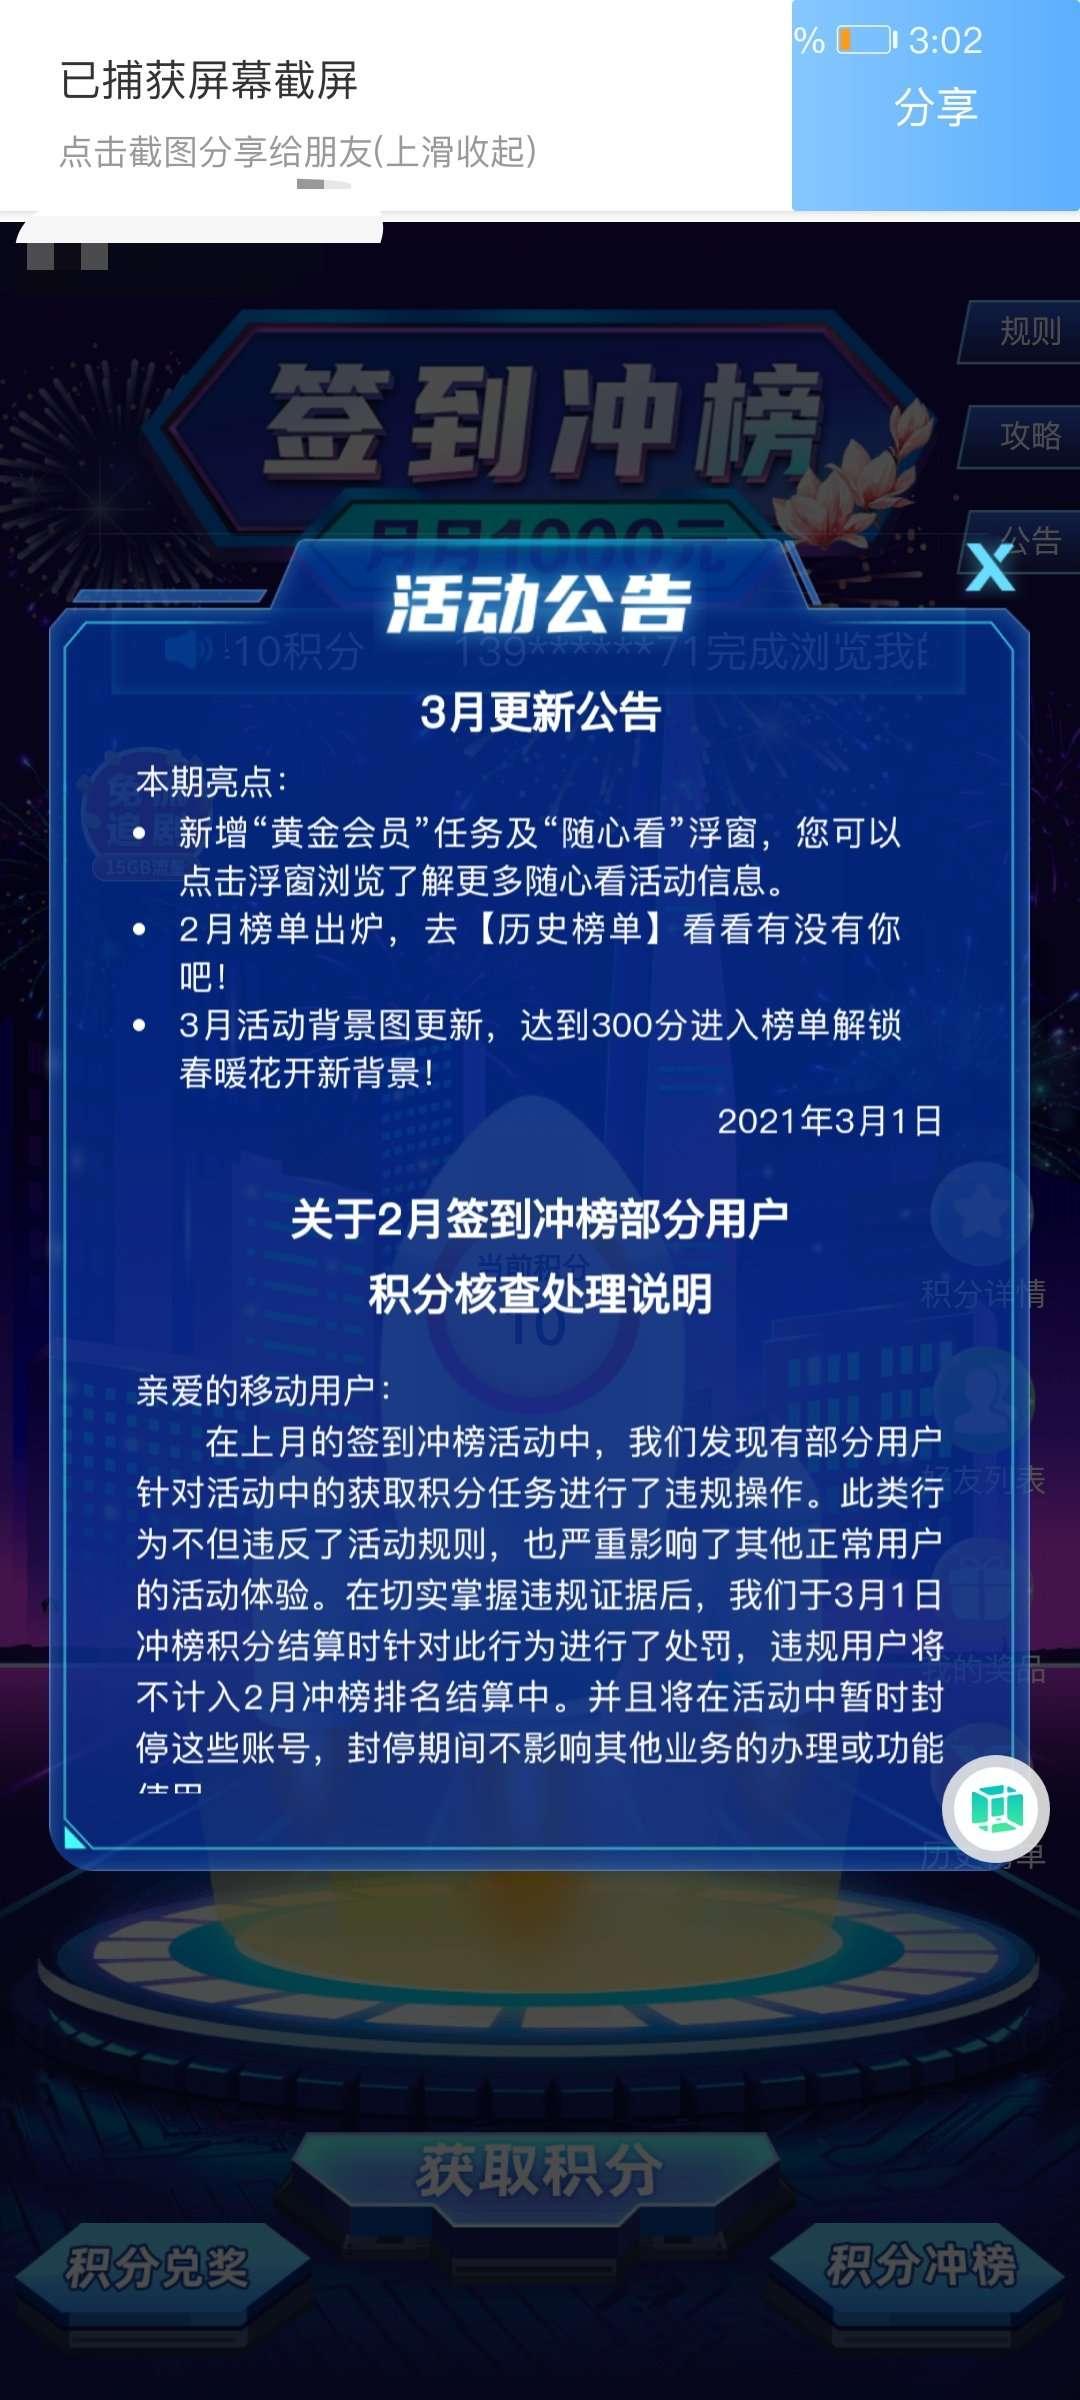 中国移动签到冲榜领话费流量插图1